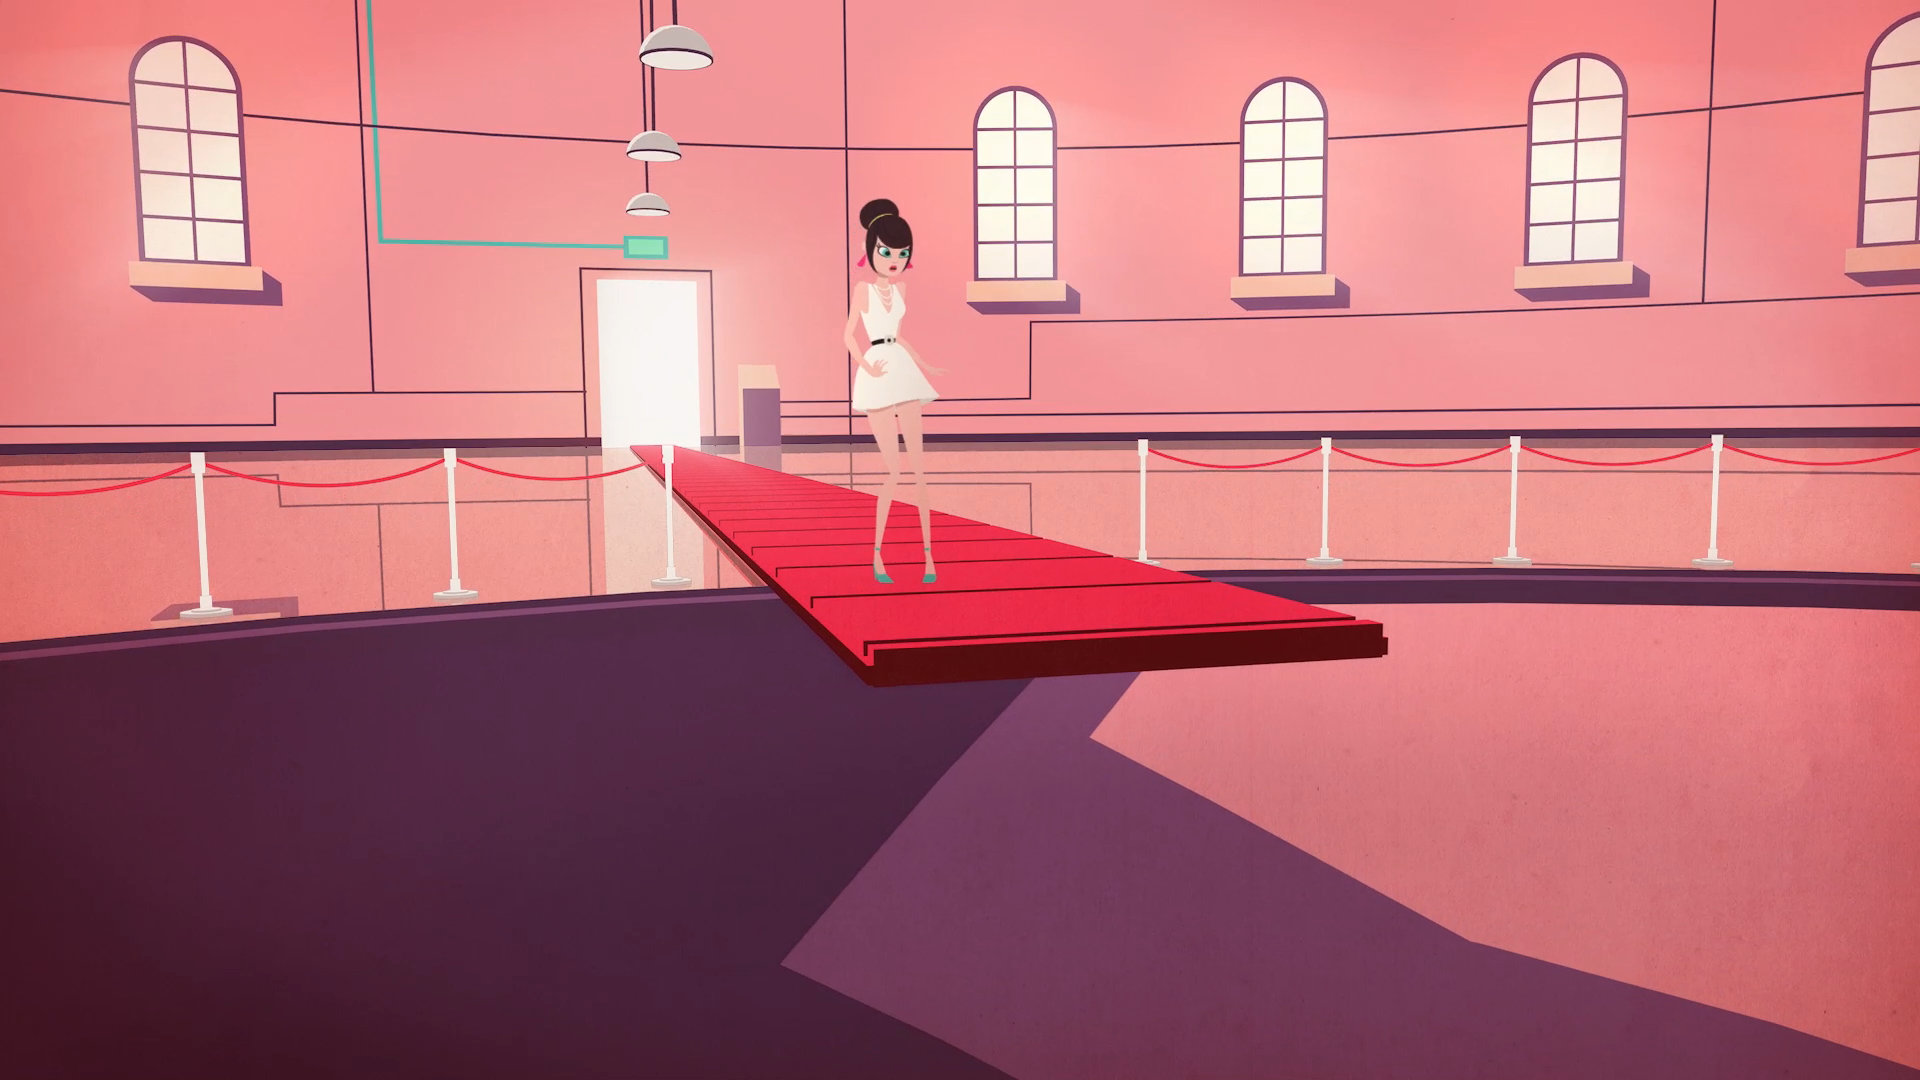 animacion por javier bianchi para MTV plain jane